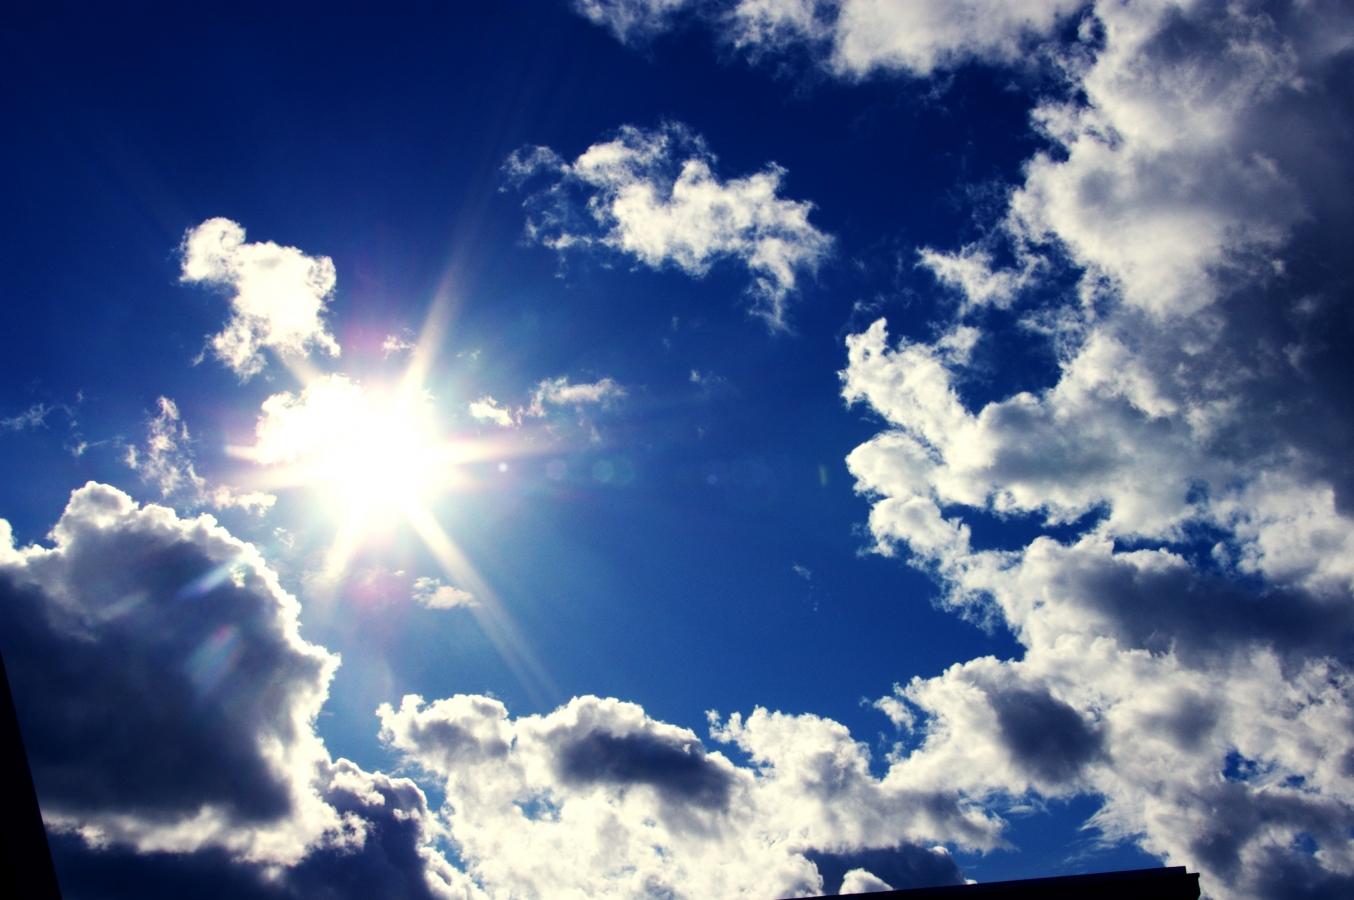 Mâine vremea va fi caldã şi uşor instabilã dupã orele amiezii